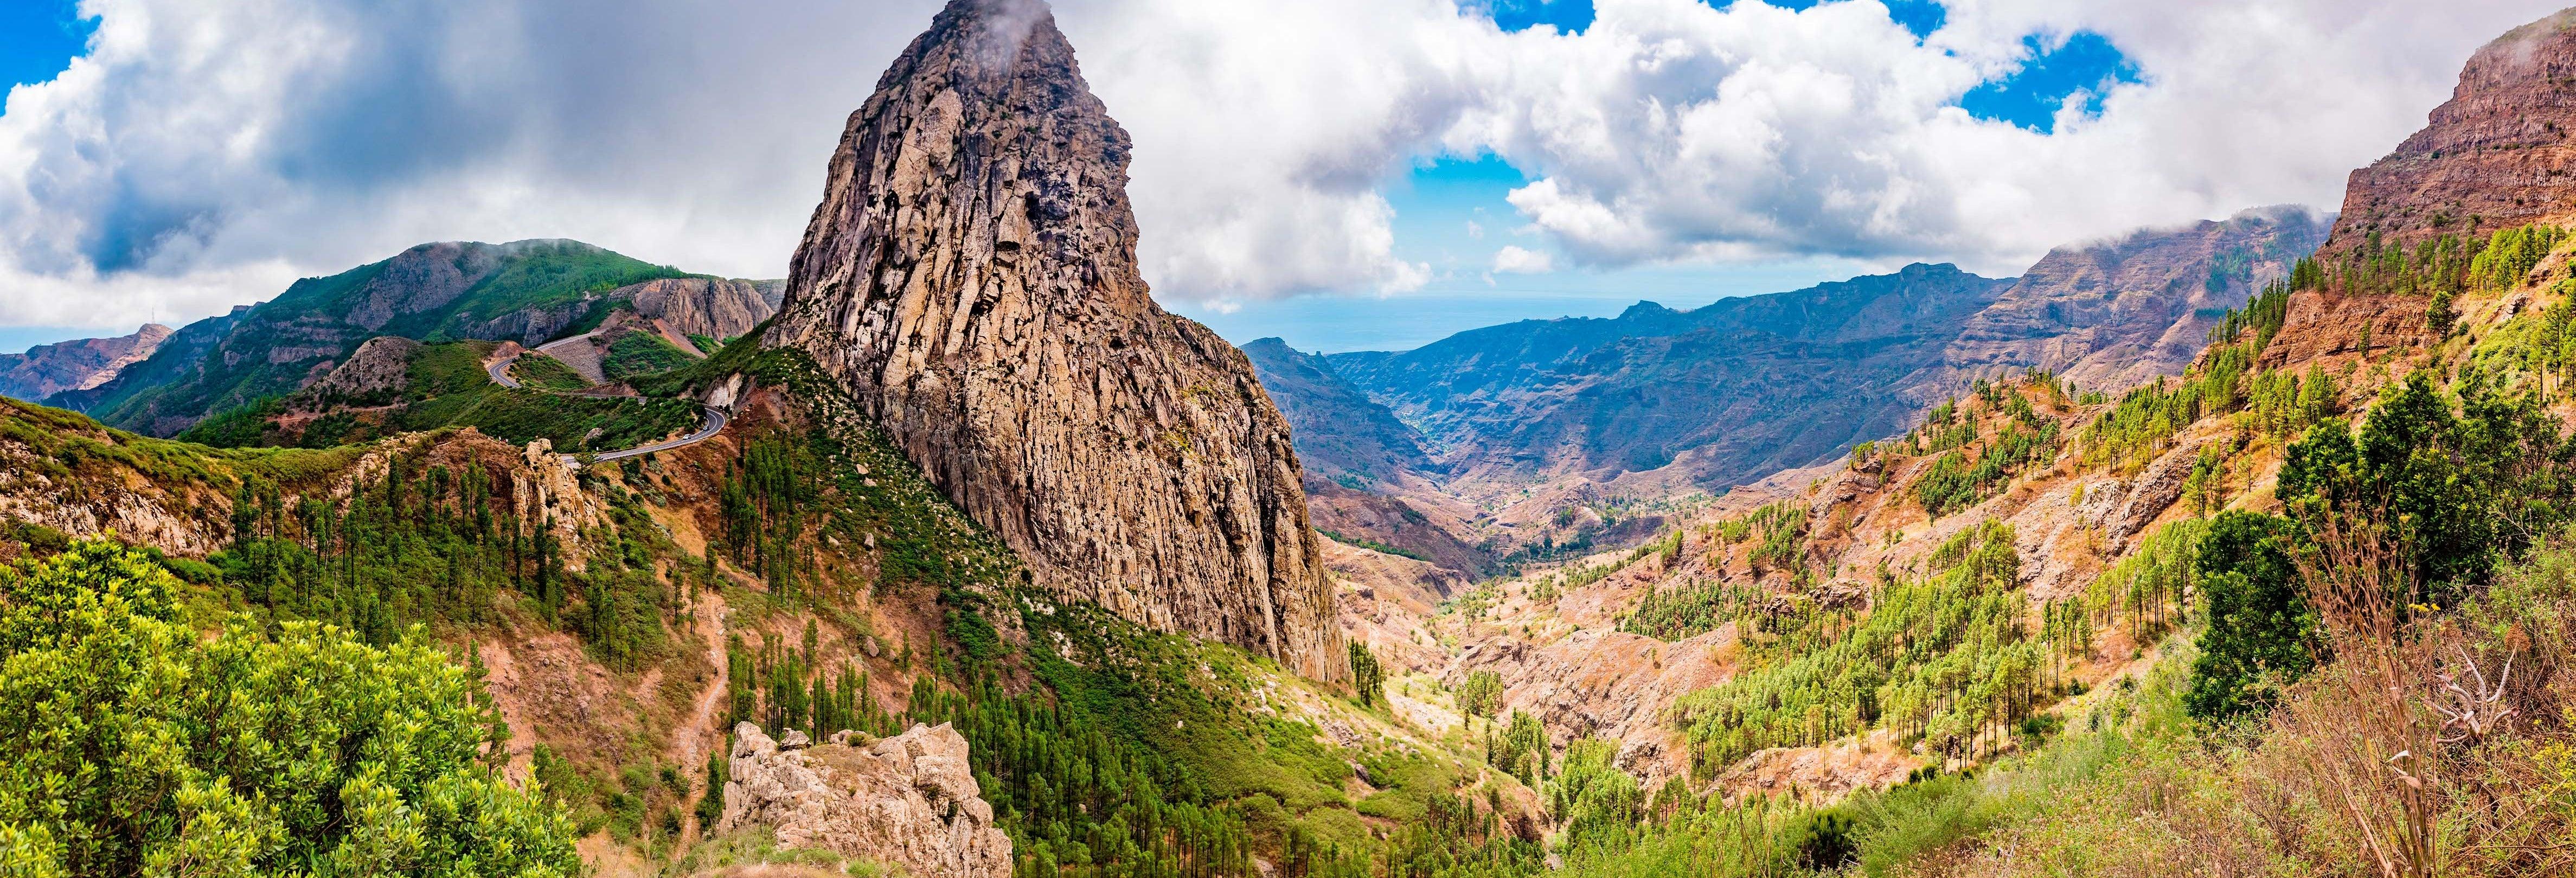 Escursione a La Gomera dal nord di Tenerife